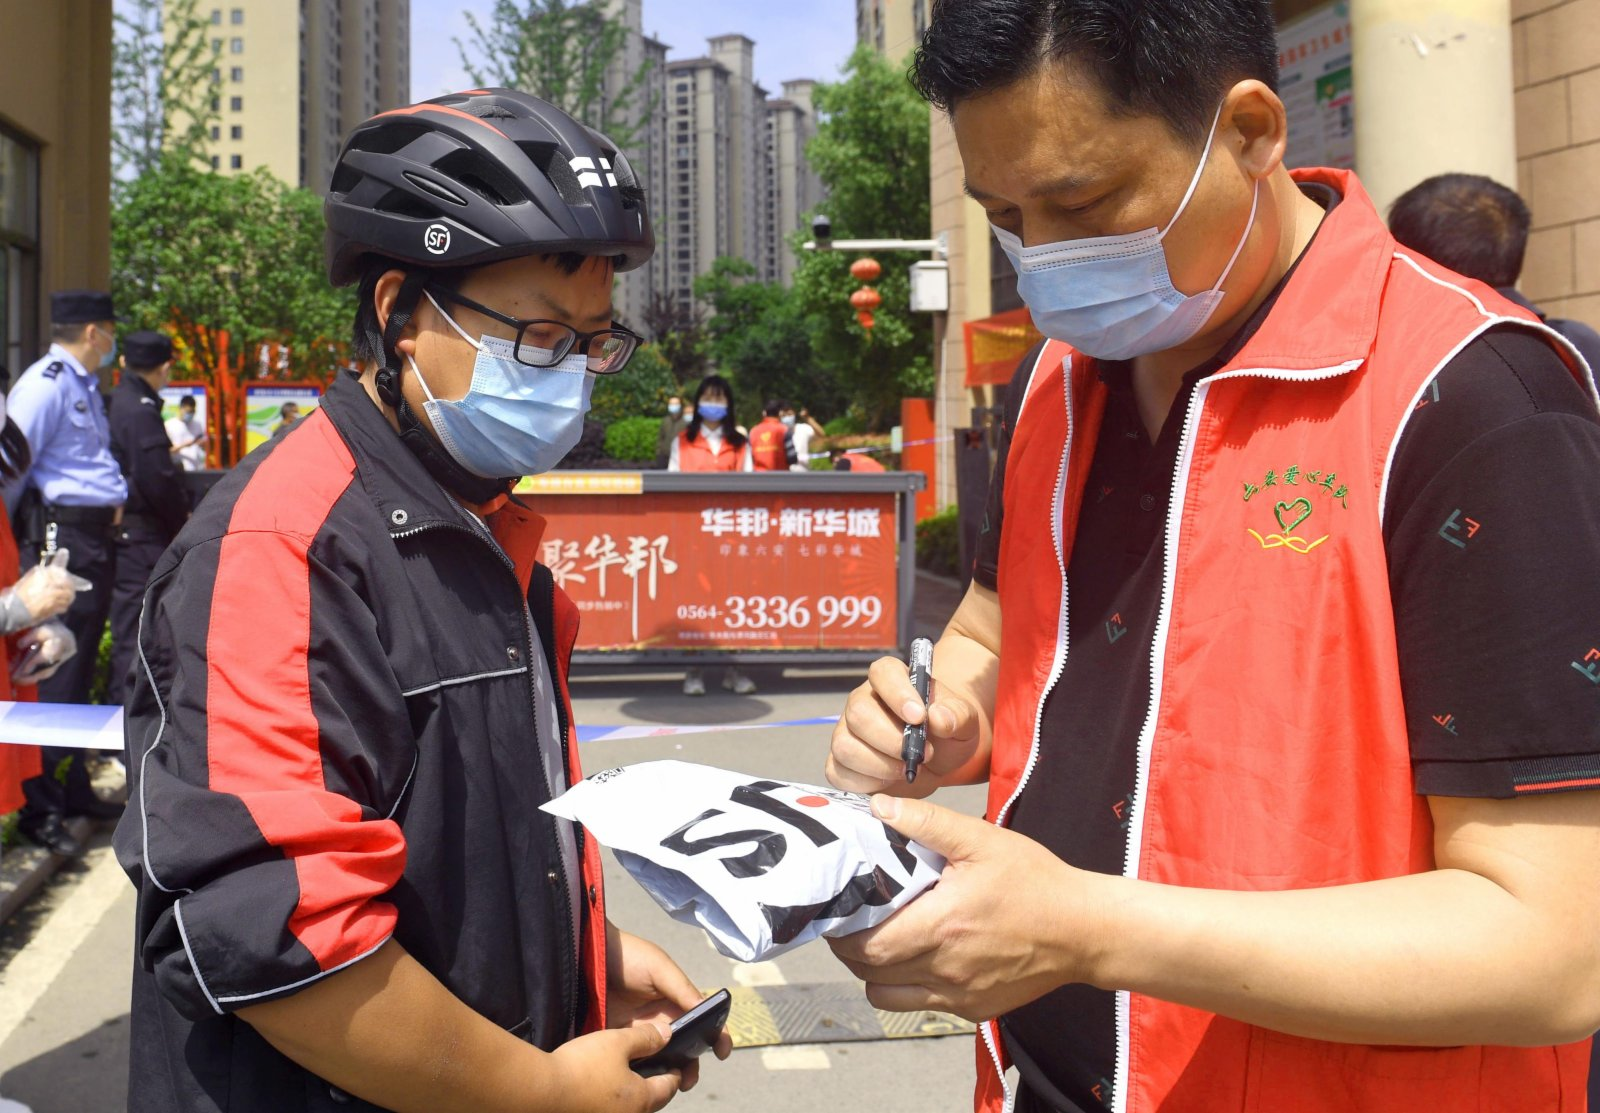 5月17日,六安愛心車隊的志願者張恩權(右)為居民代收快遞。(新華社)